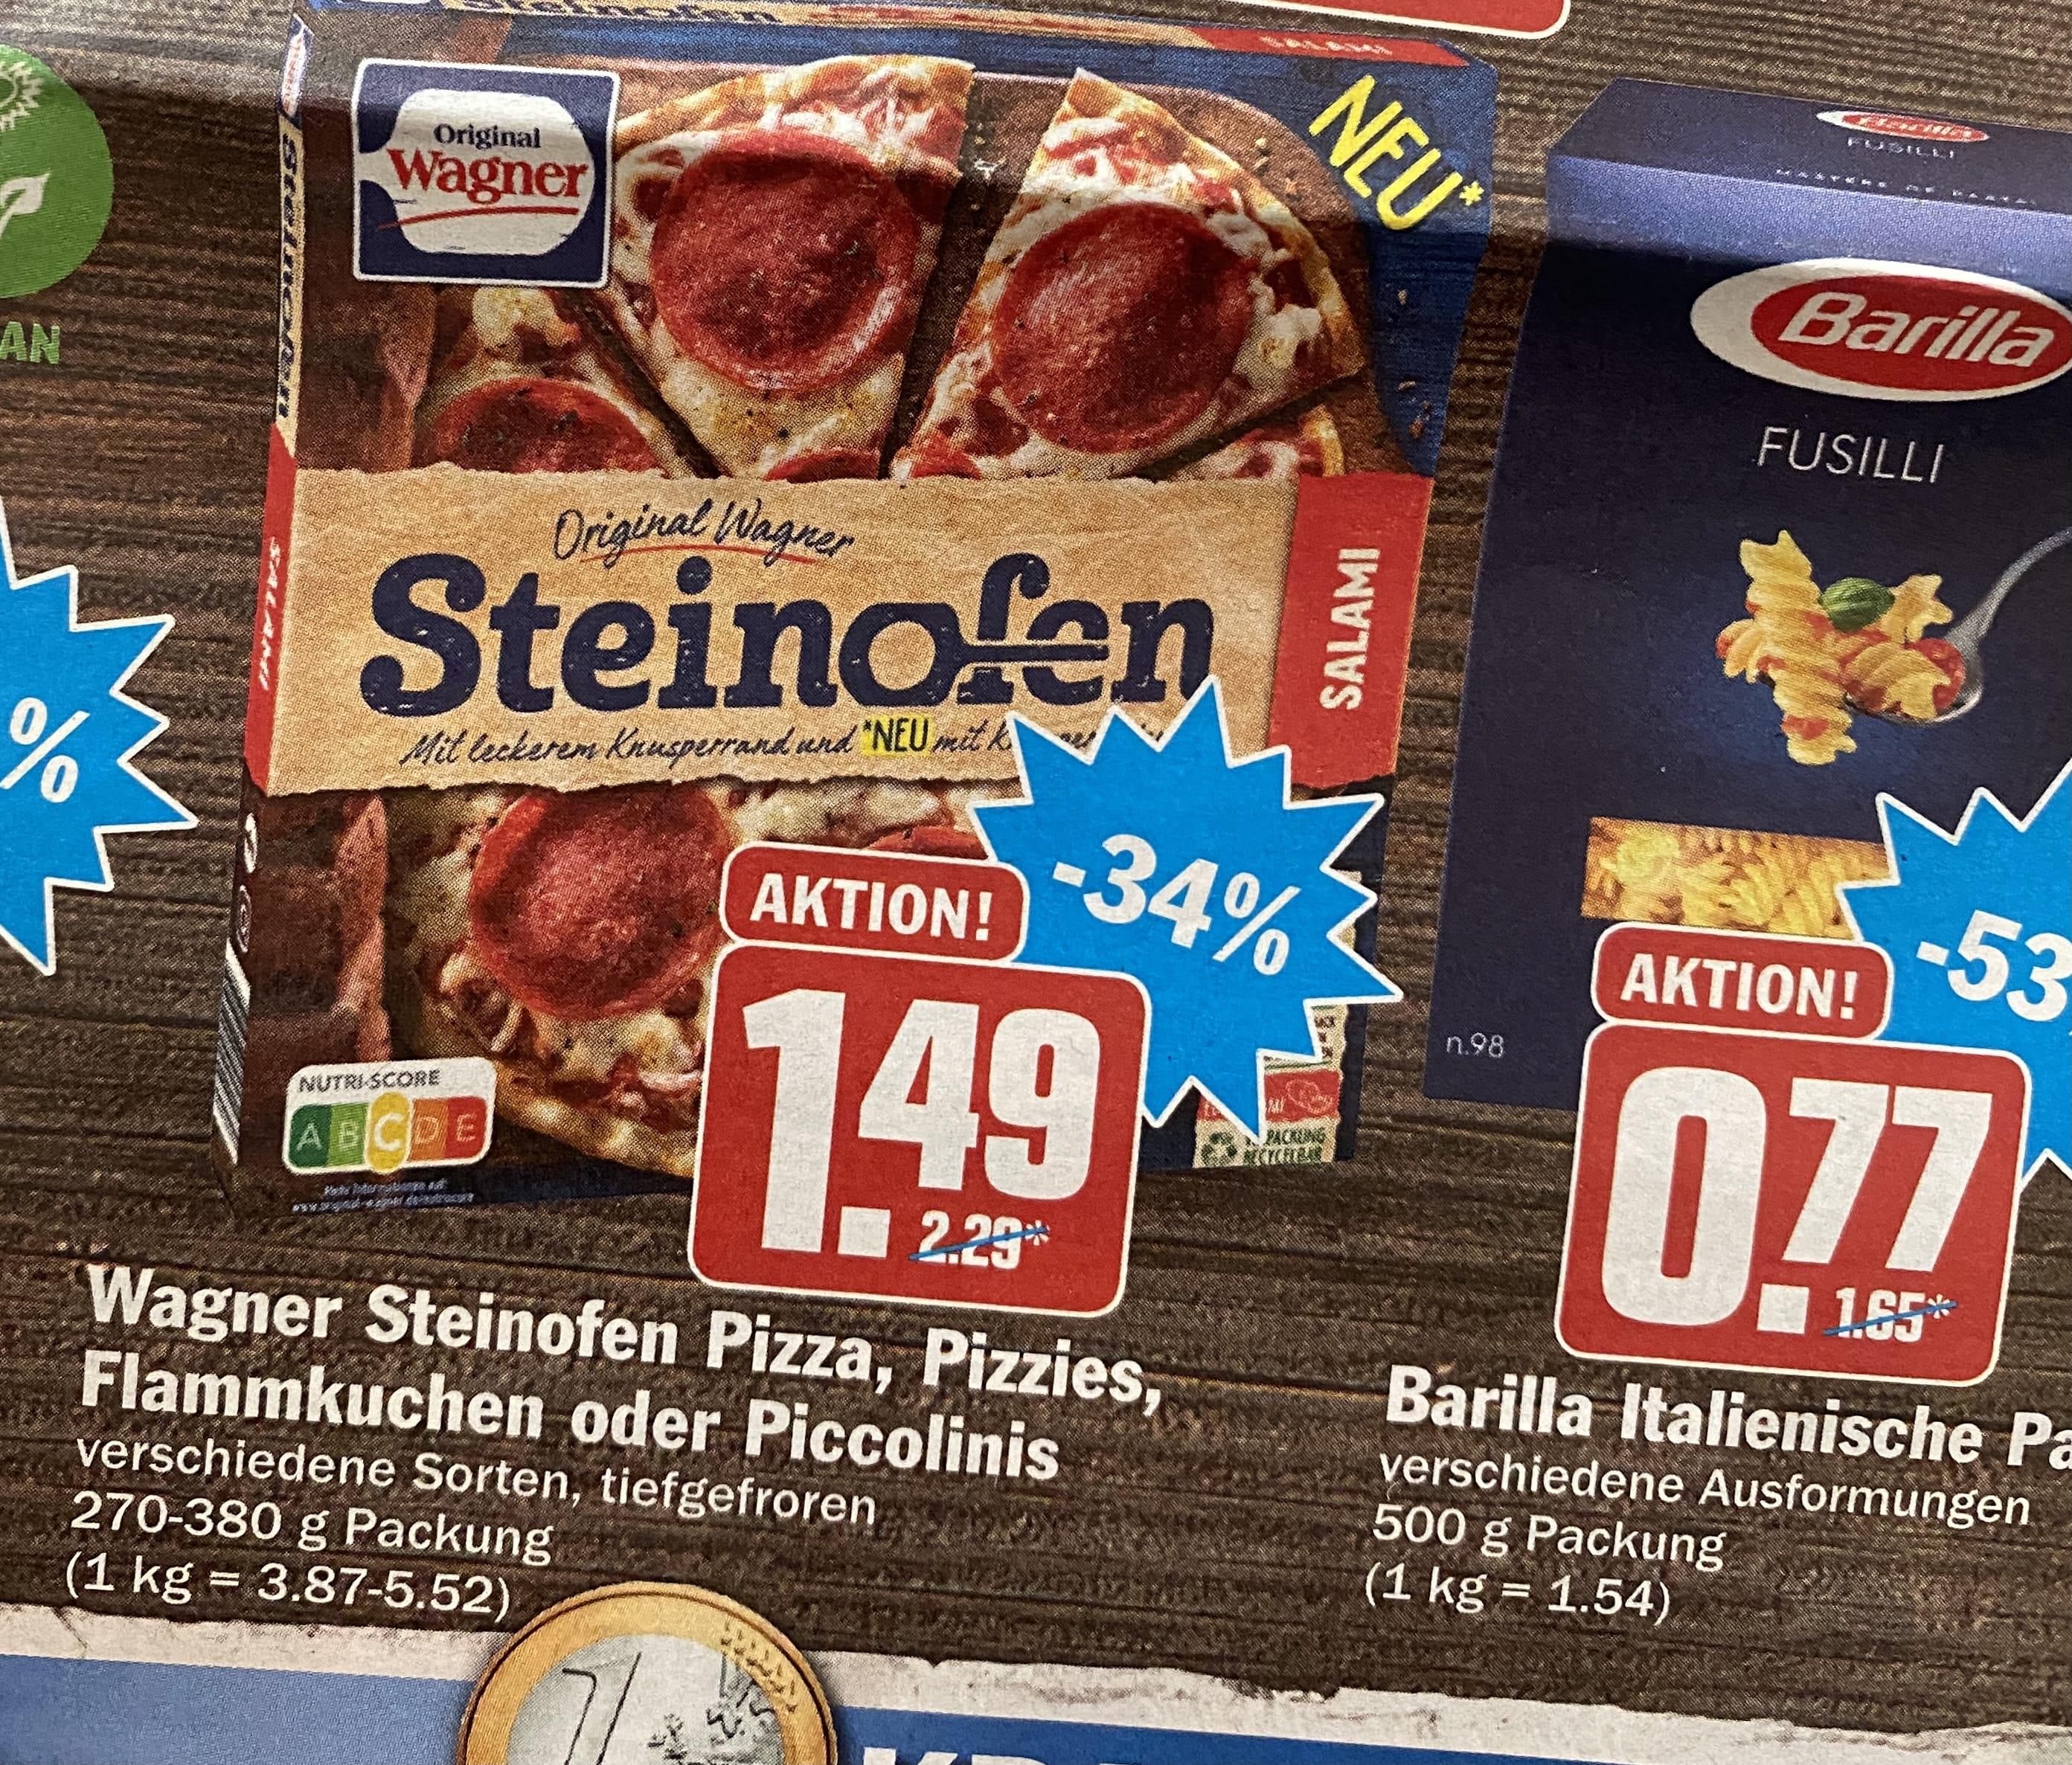 Wagner Steinofen-Pizza für 1,49€ und Barilla-Pasta für 0,77€! (Hit-Markt)